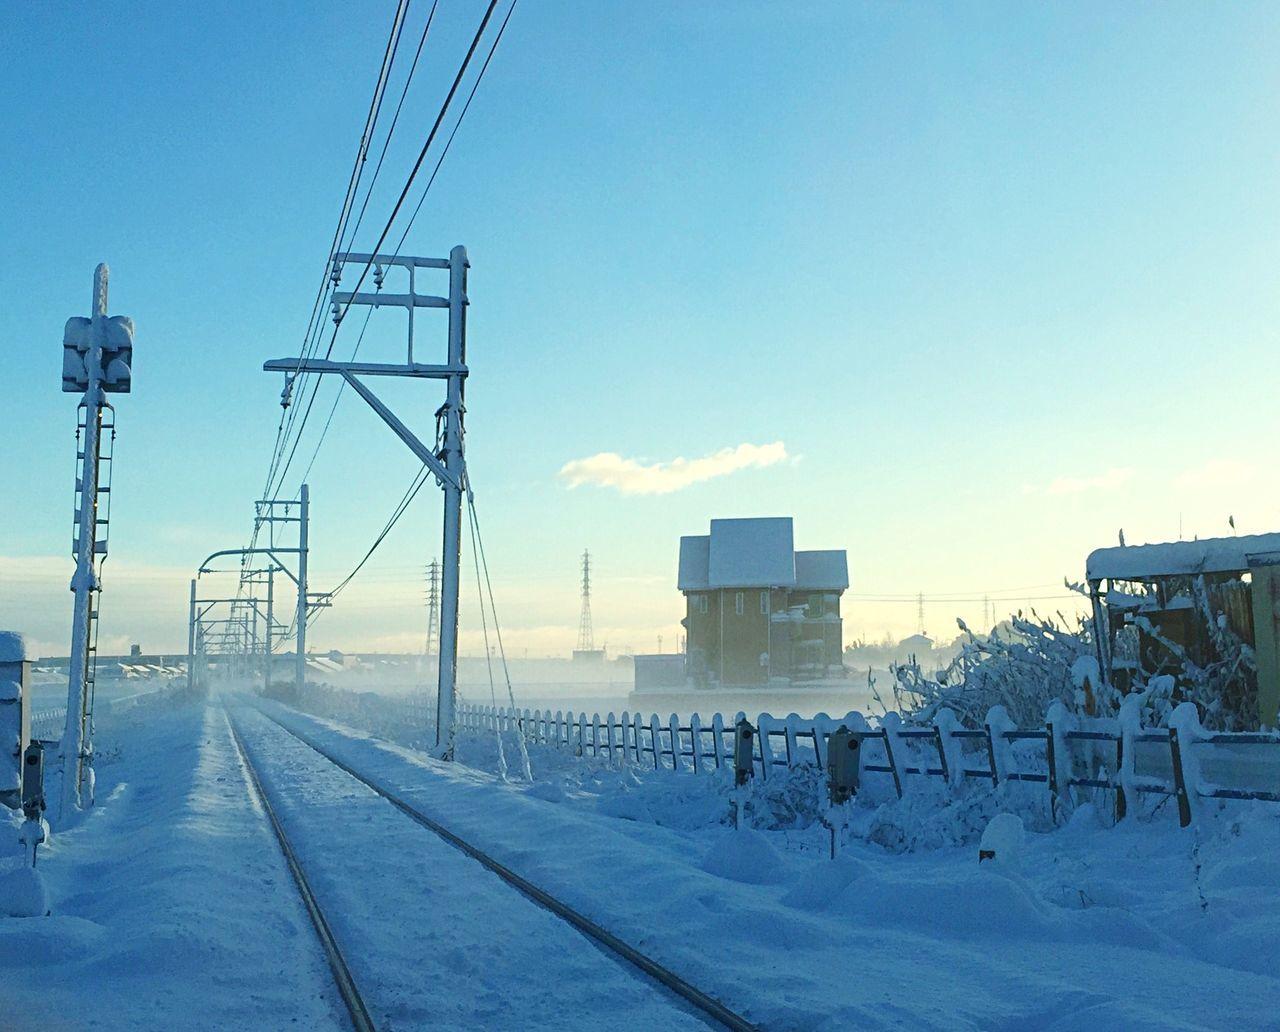 Sky Snow Railway Lines